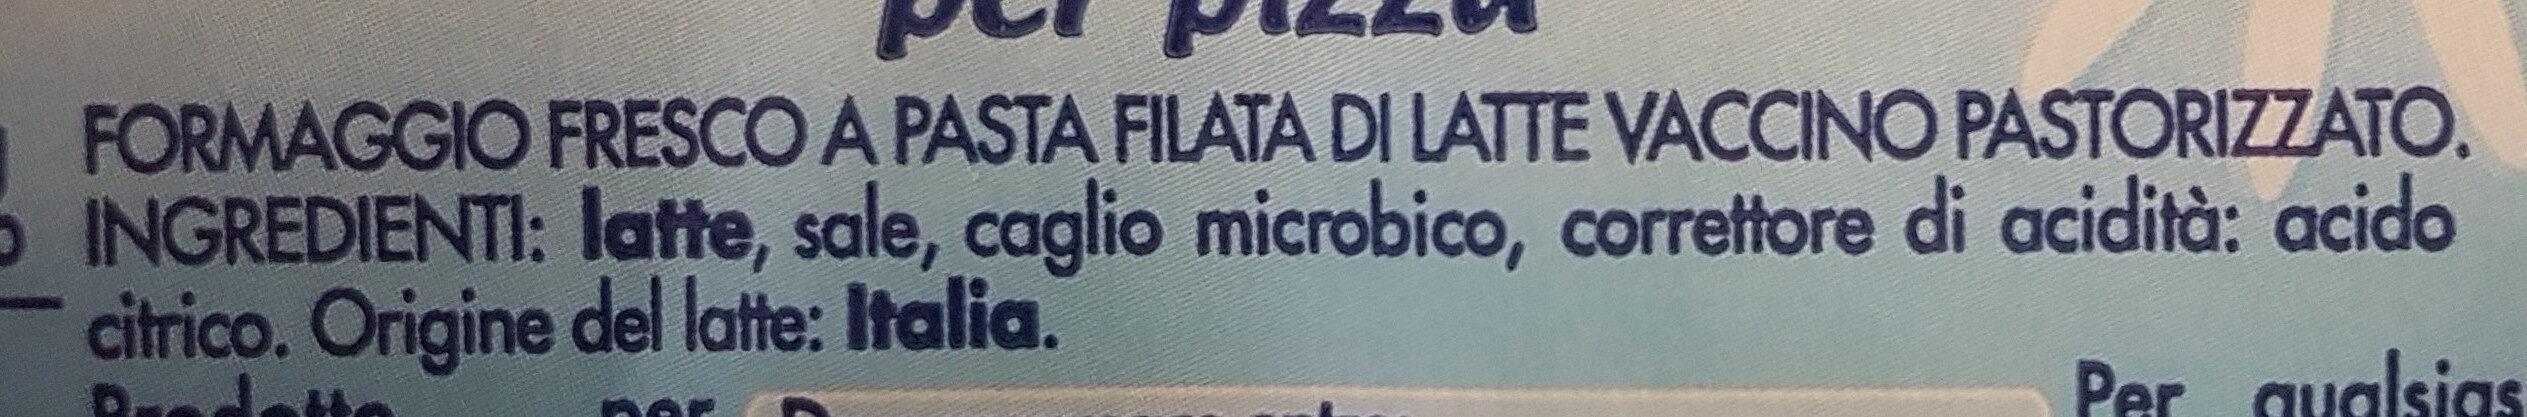 Mozzarella per pizza Esselunga - Ingredients